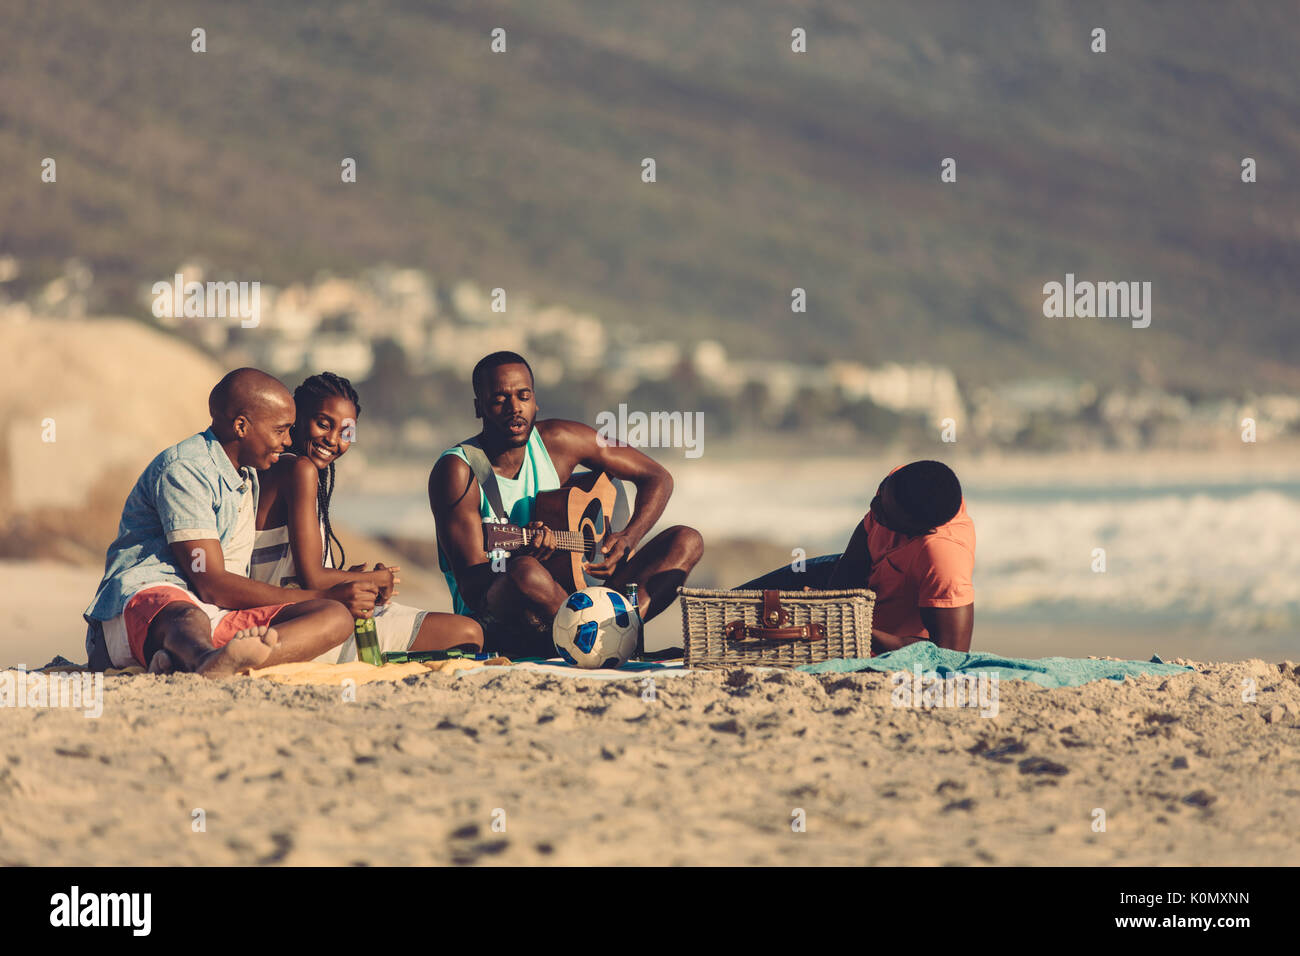 L'afro-américain young man with guitar chantant une chanson pour ses amis. Groupe d'amis en vacances de détente à la plage. Photo Stock